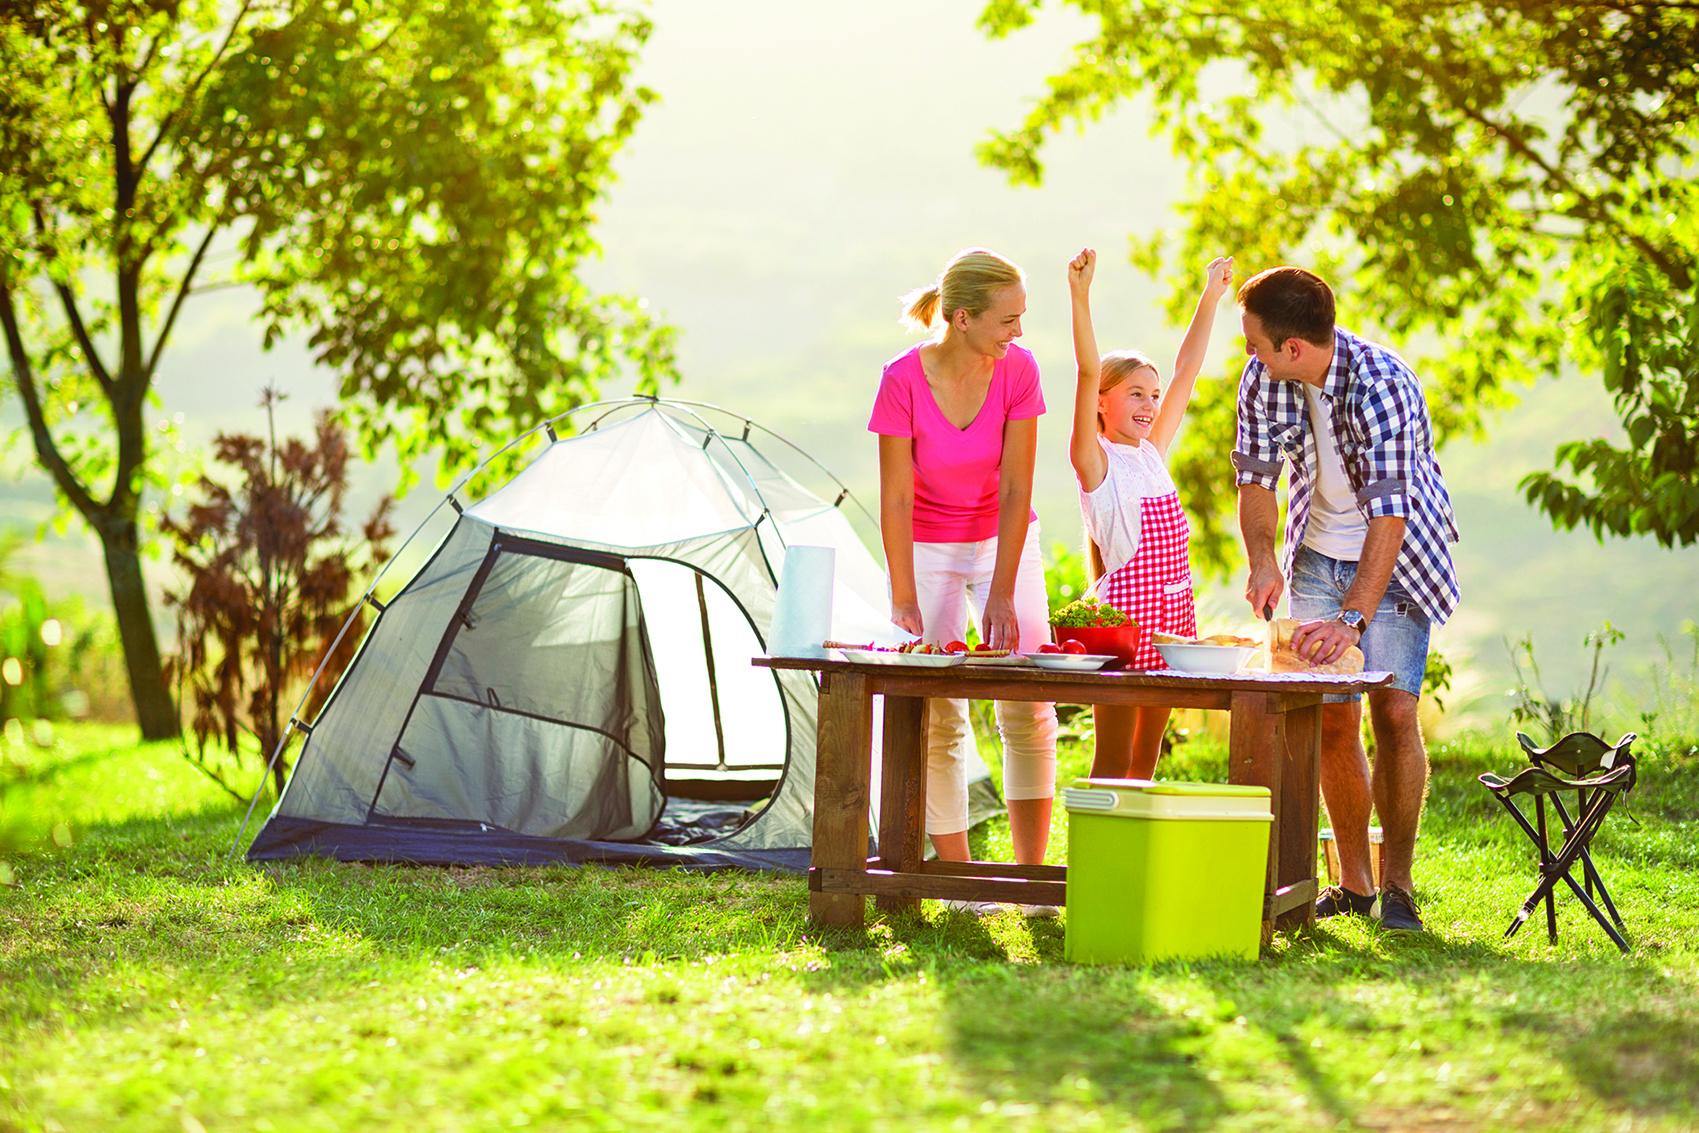 在疫情延燒的時期,露營可讓全家人享受難得的時光。